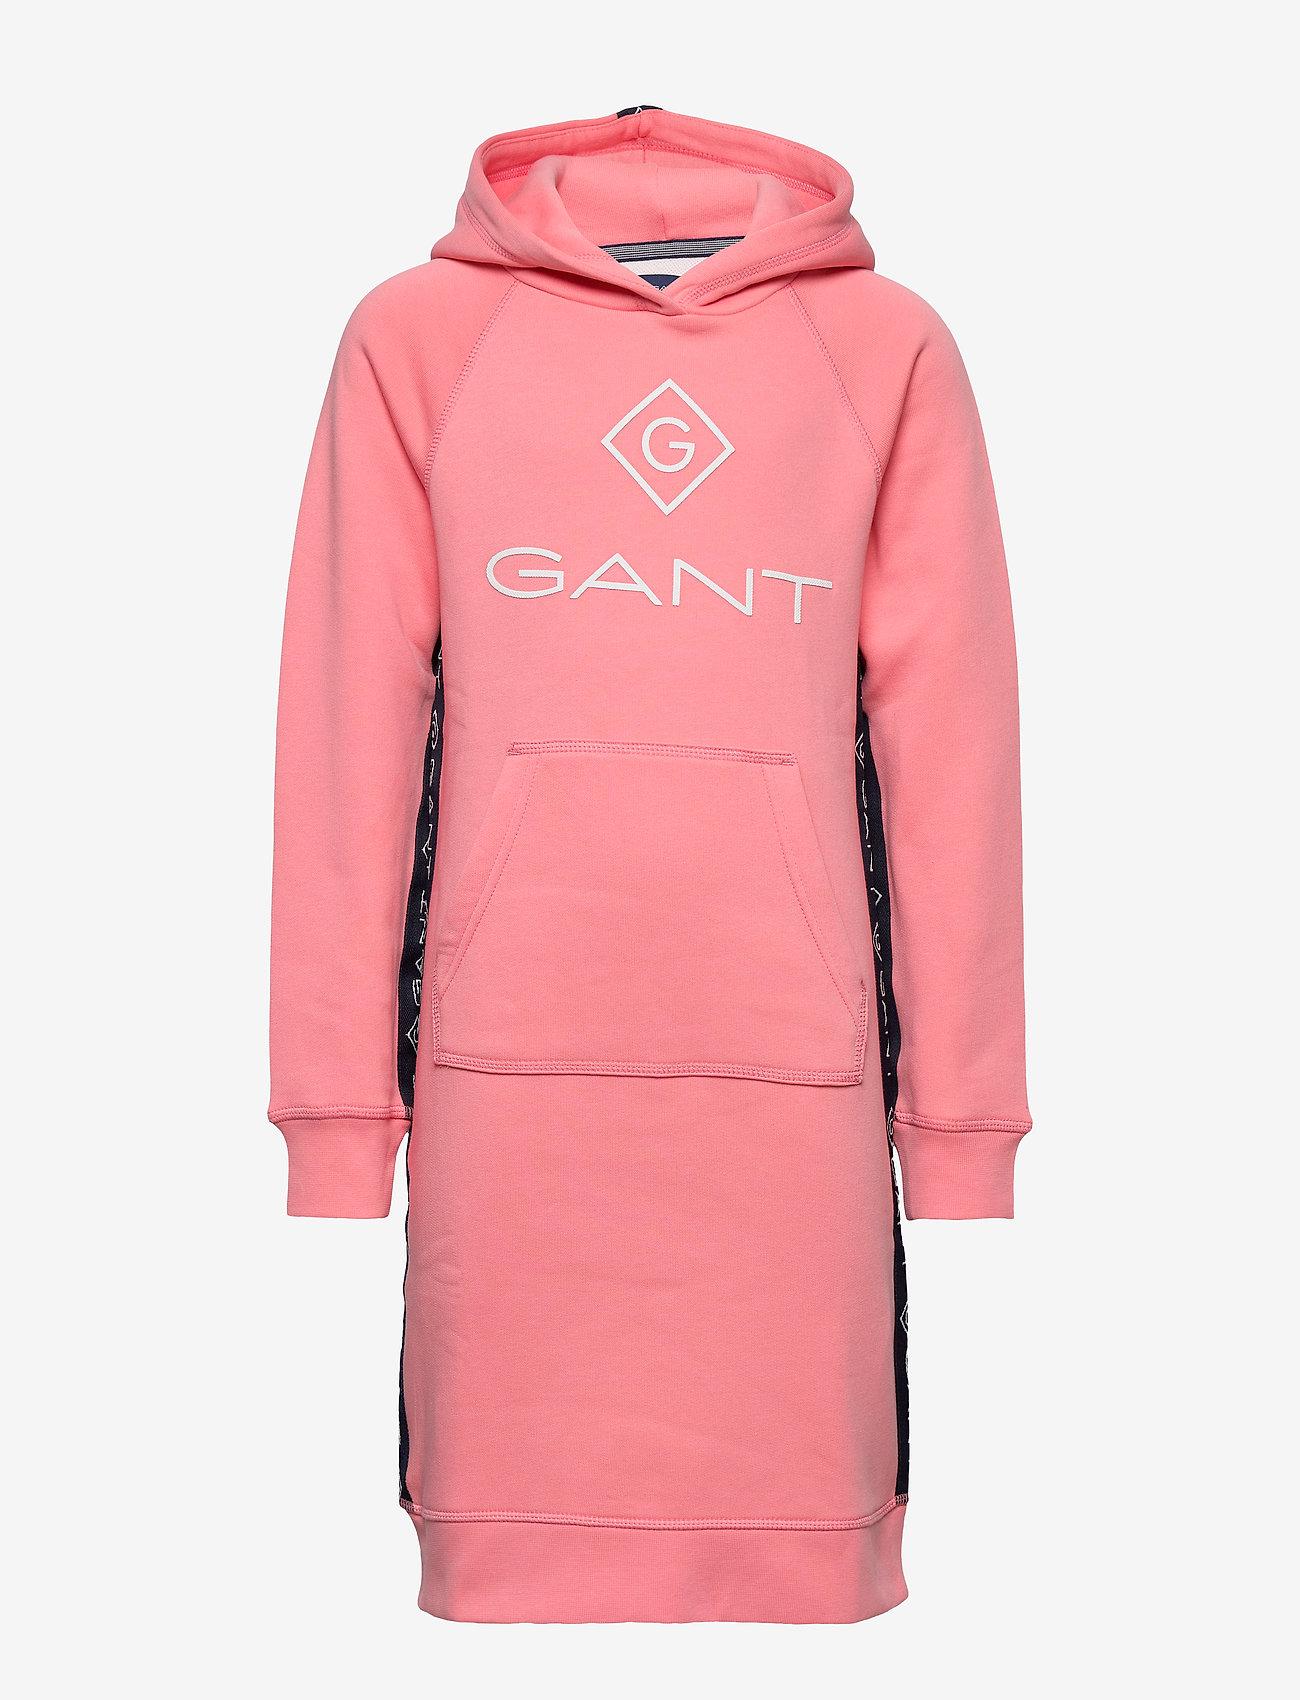 GANT - D1. LOCK UP STRIPE HOODIE DRESS - kleider - strawberry pink - 0